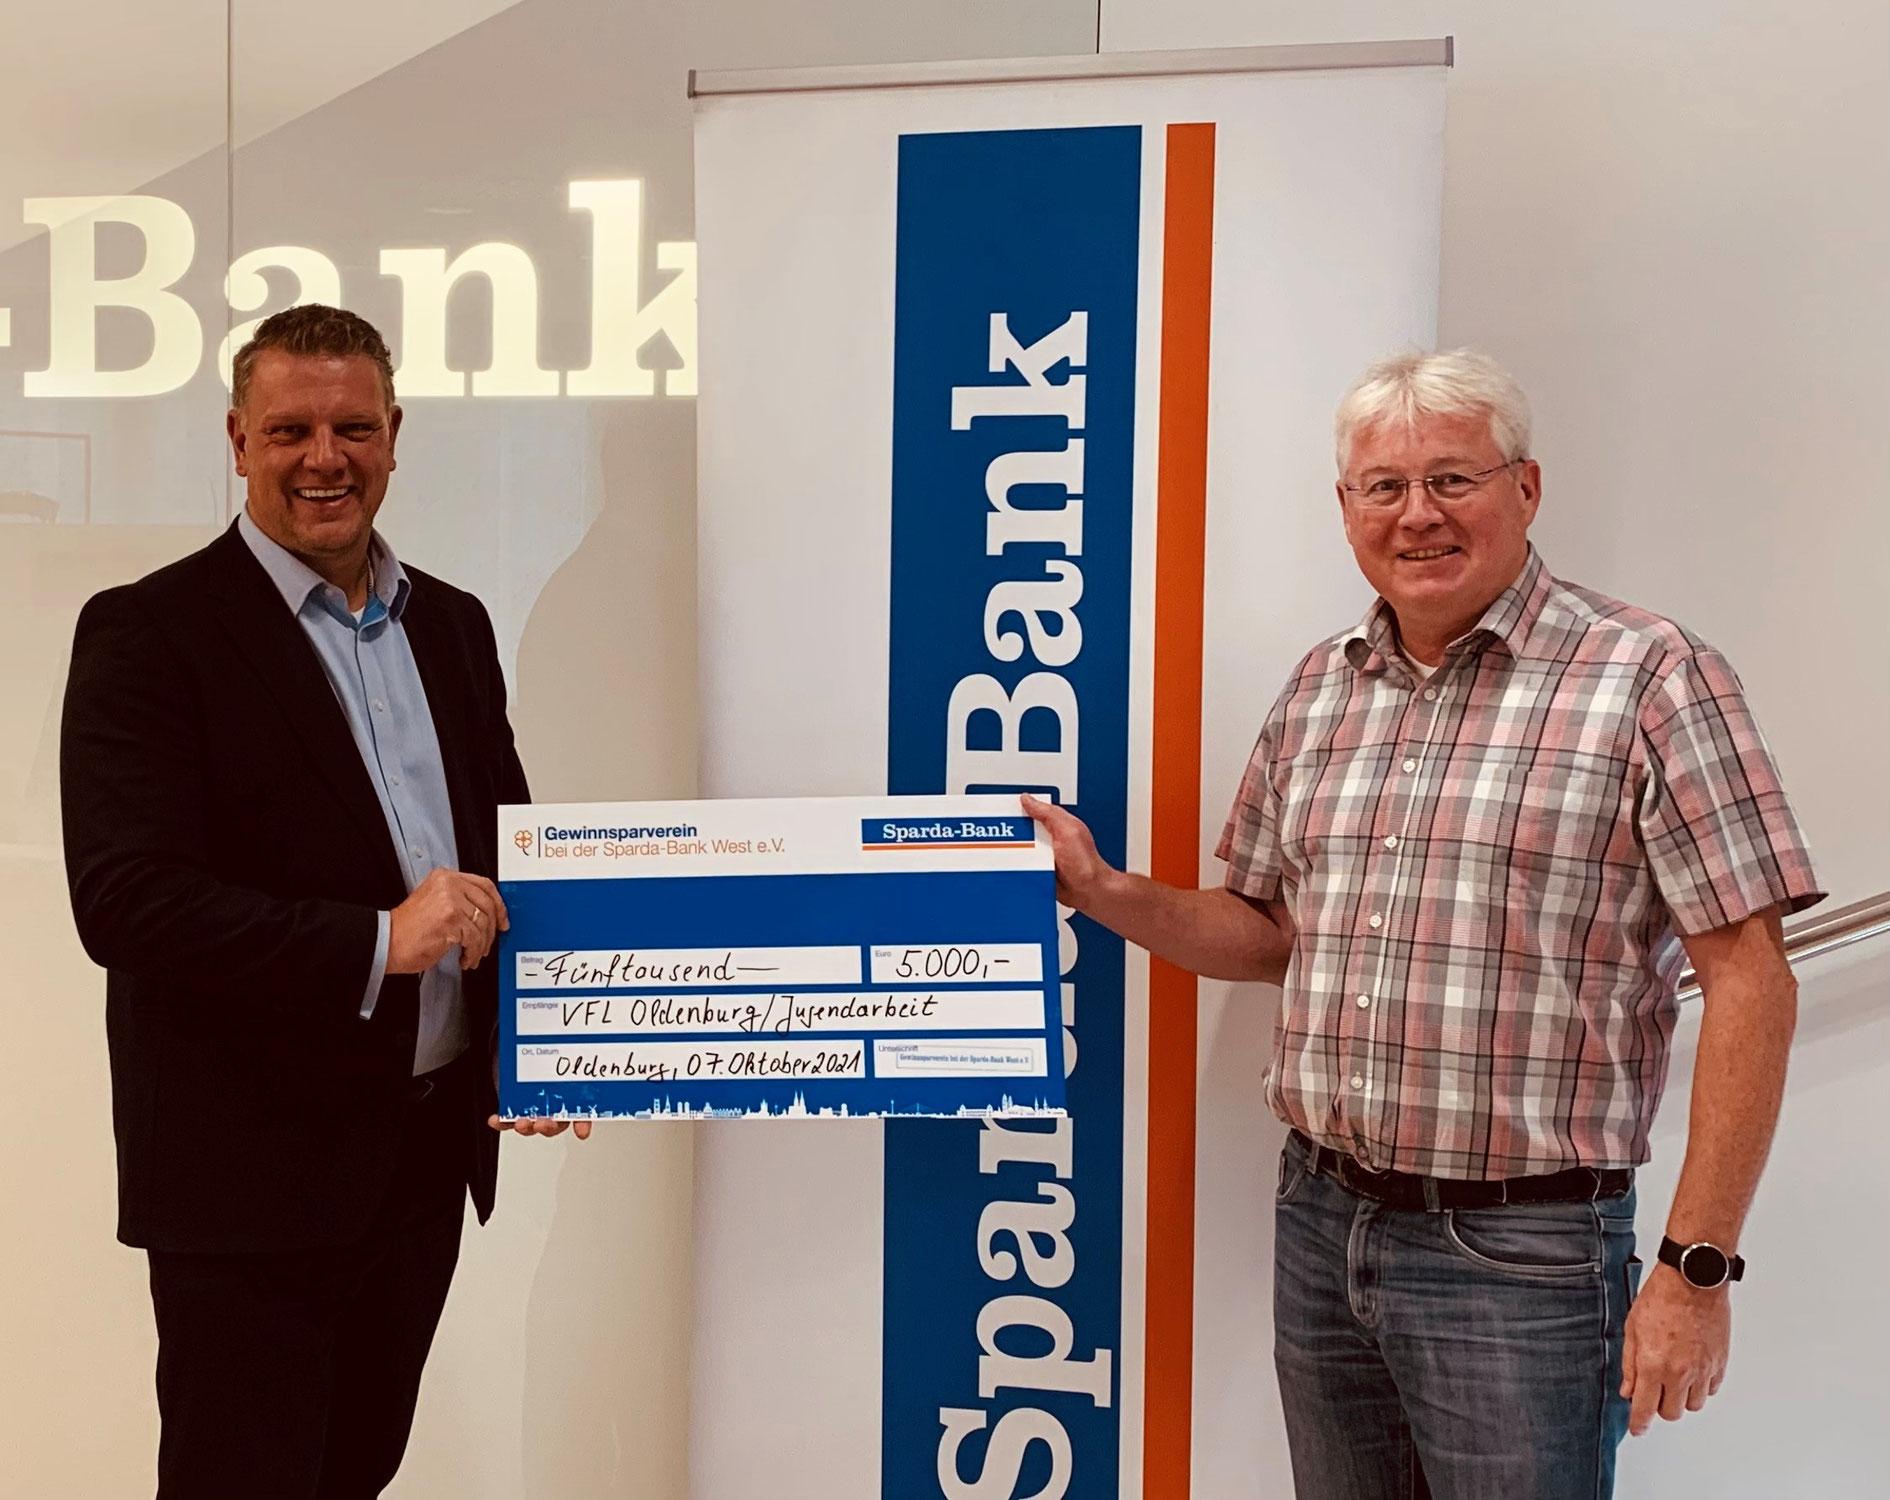 VfL Oldenburg Fußballabteilung bedankt sich für großzügige Spende